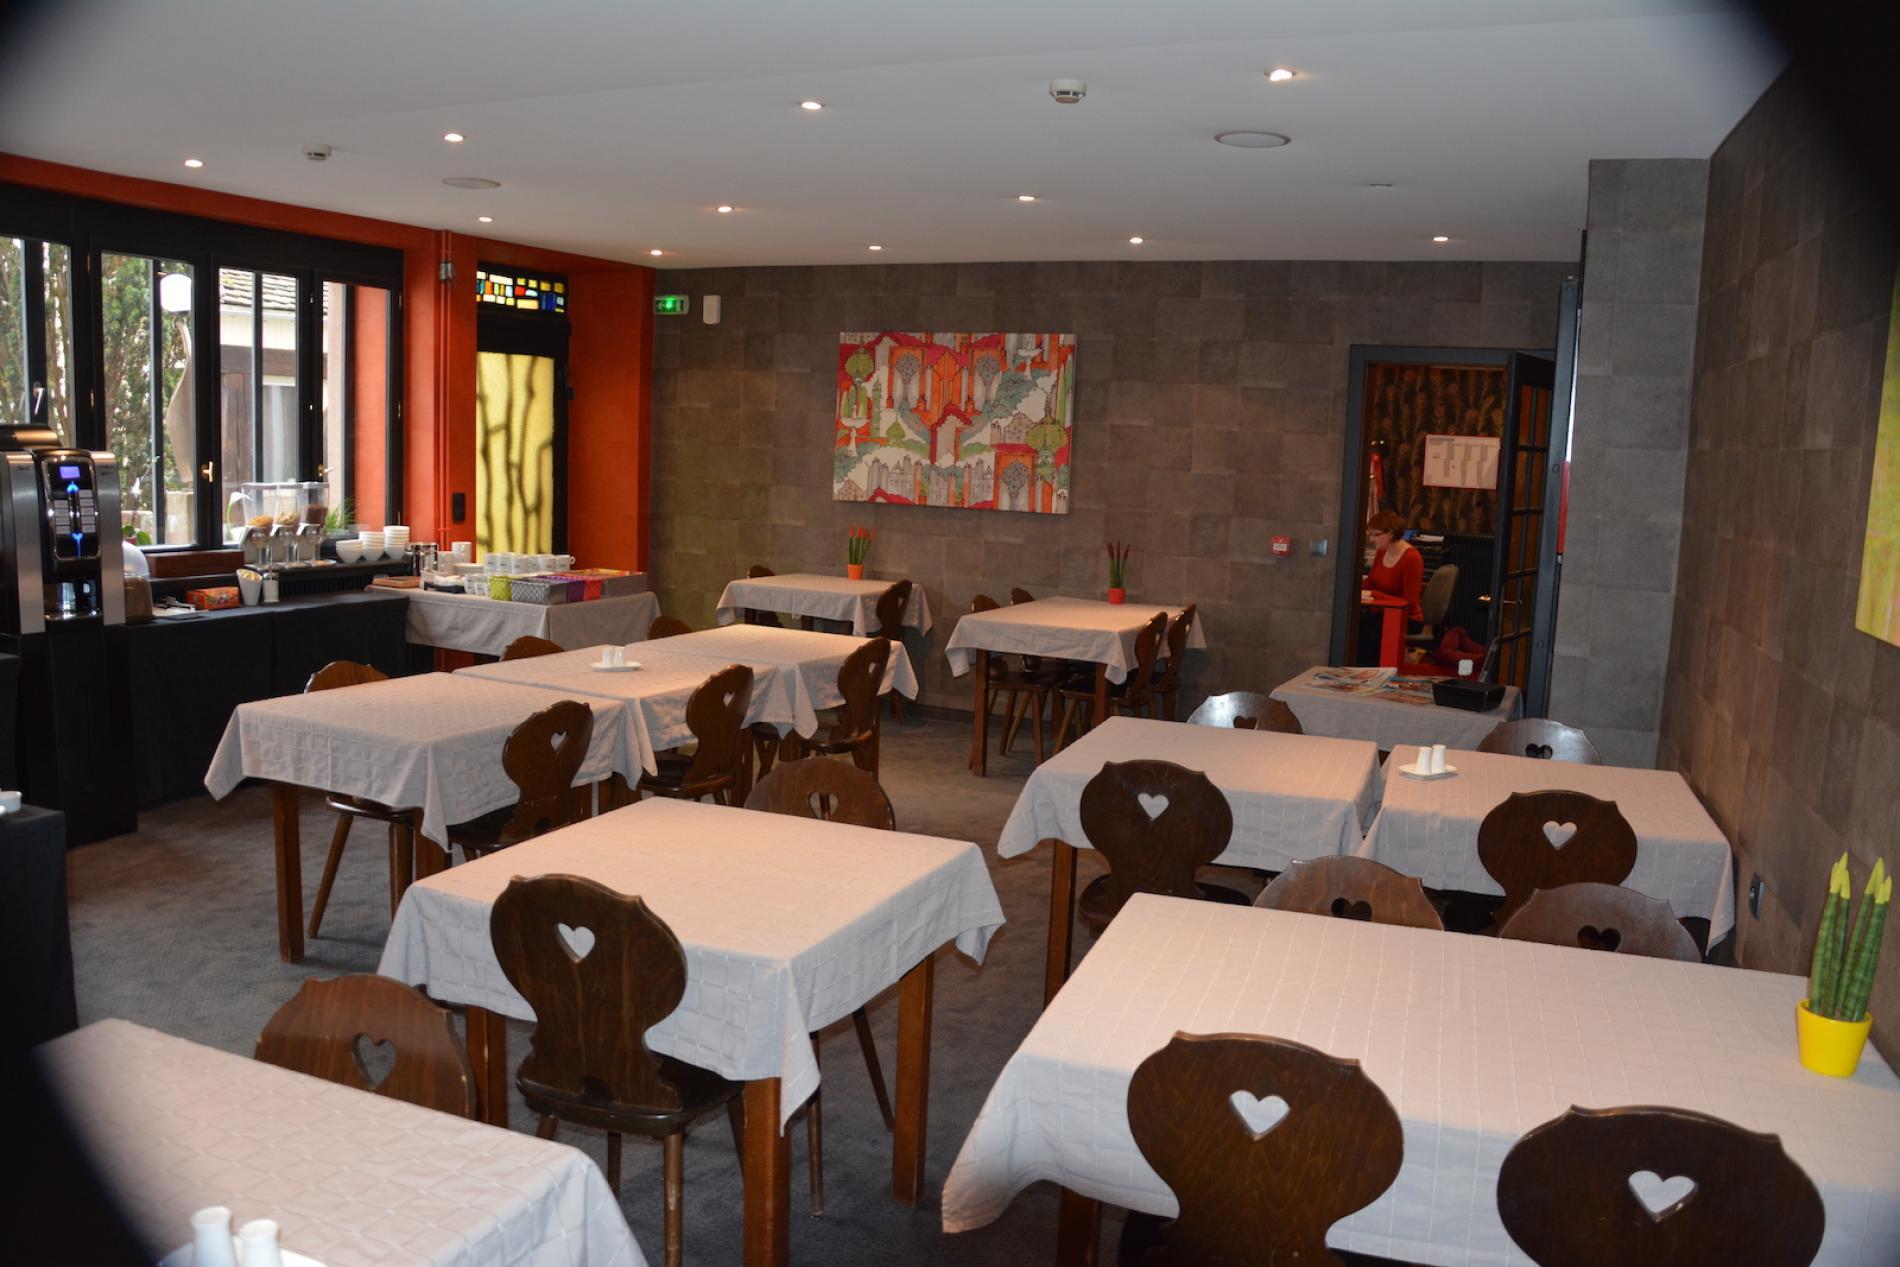 Hôtel du Centre, Logis Cosy à Molsheim<br> La salle du petit-déjeuner